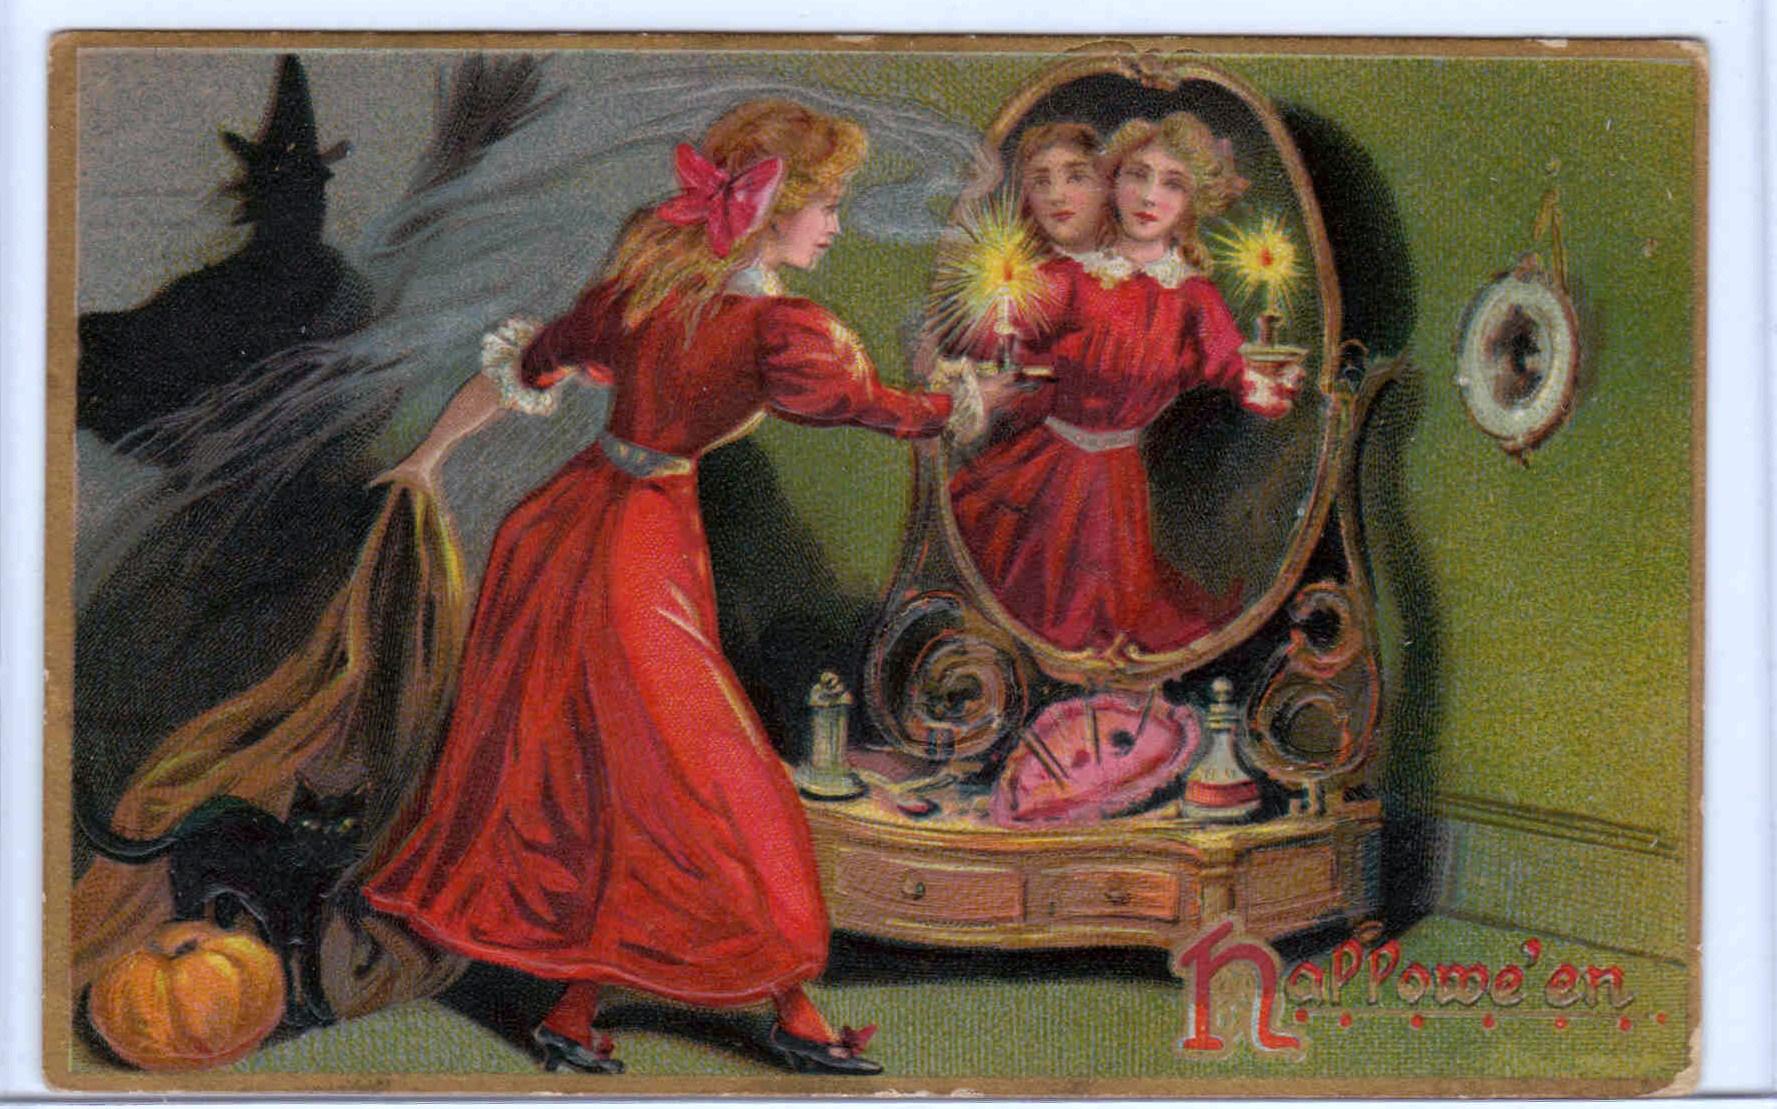 TucksHalloweenPostcard.jpg